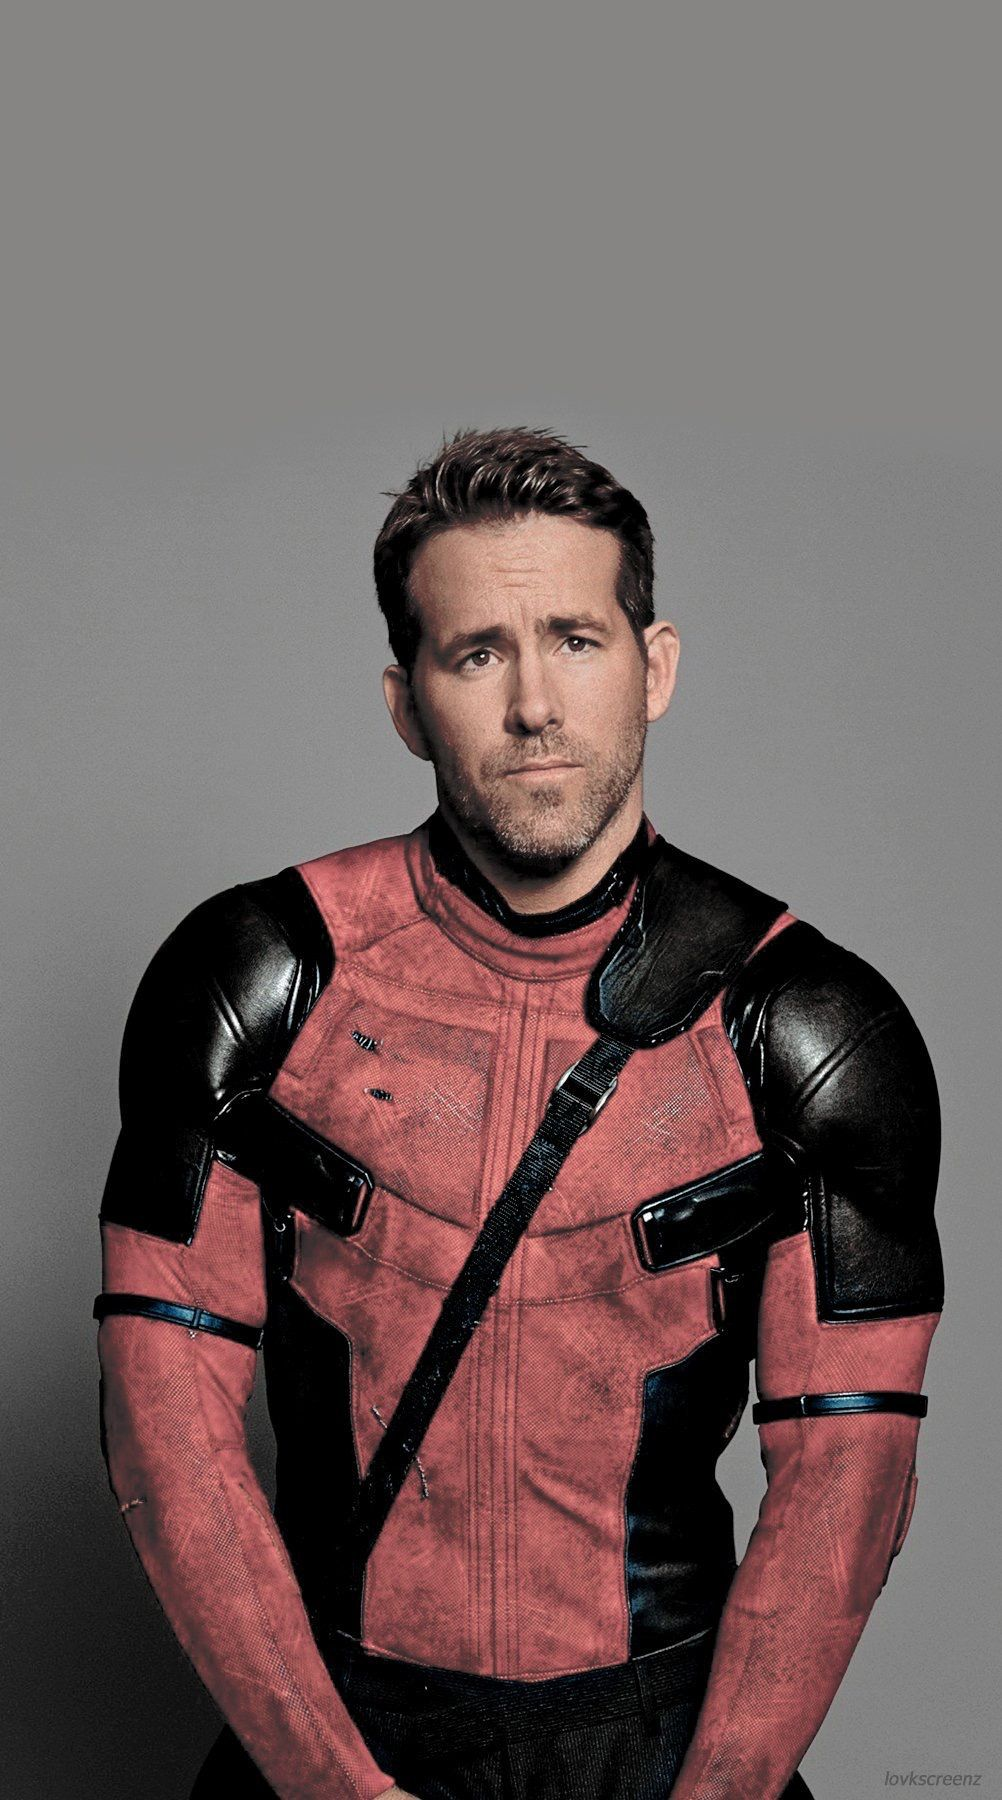 Ryan ReynoldsDeadpool (image by lovkscreenz on twitter